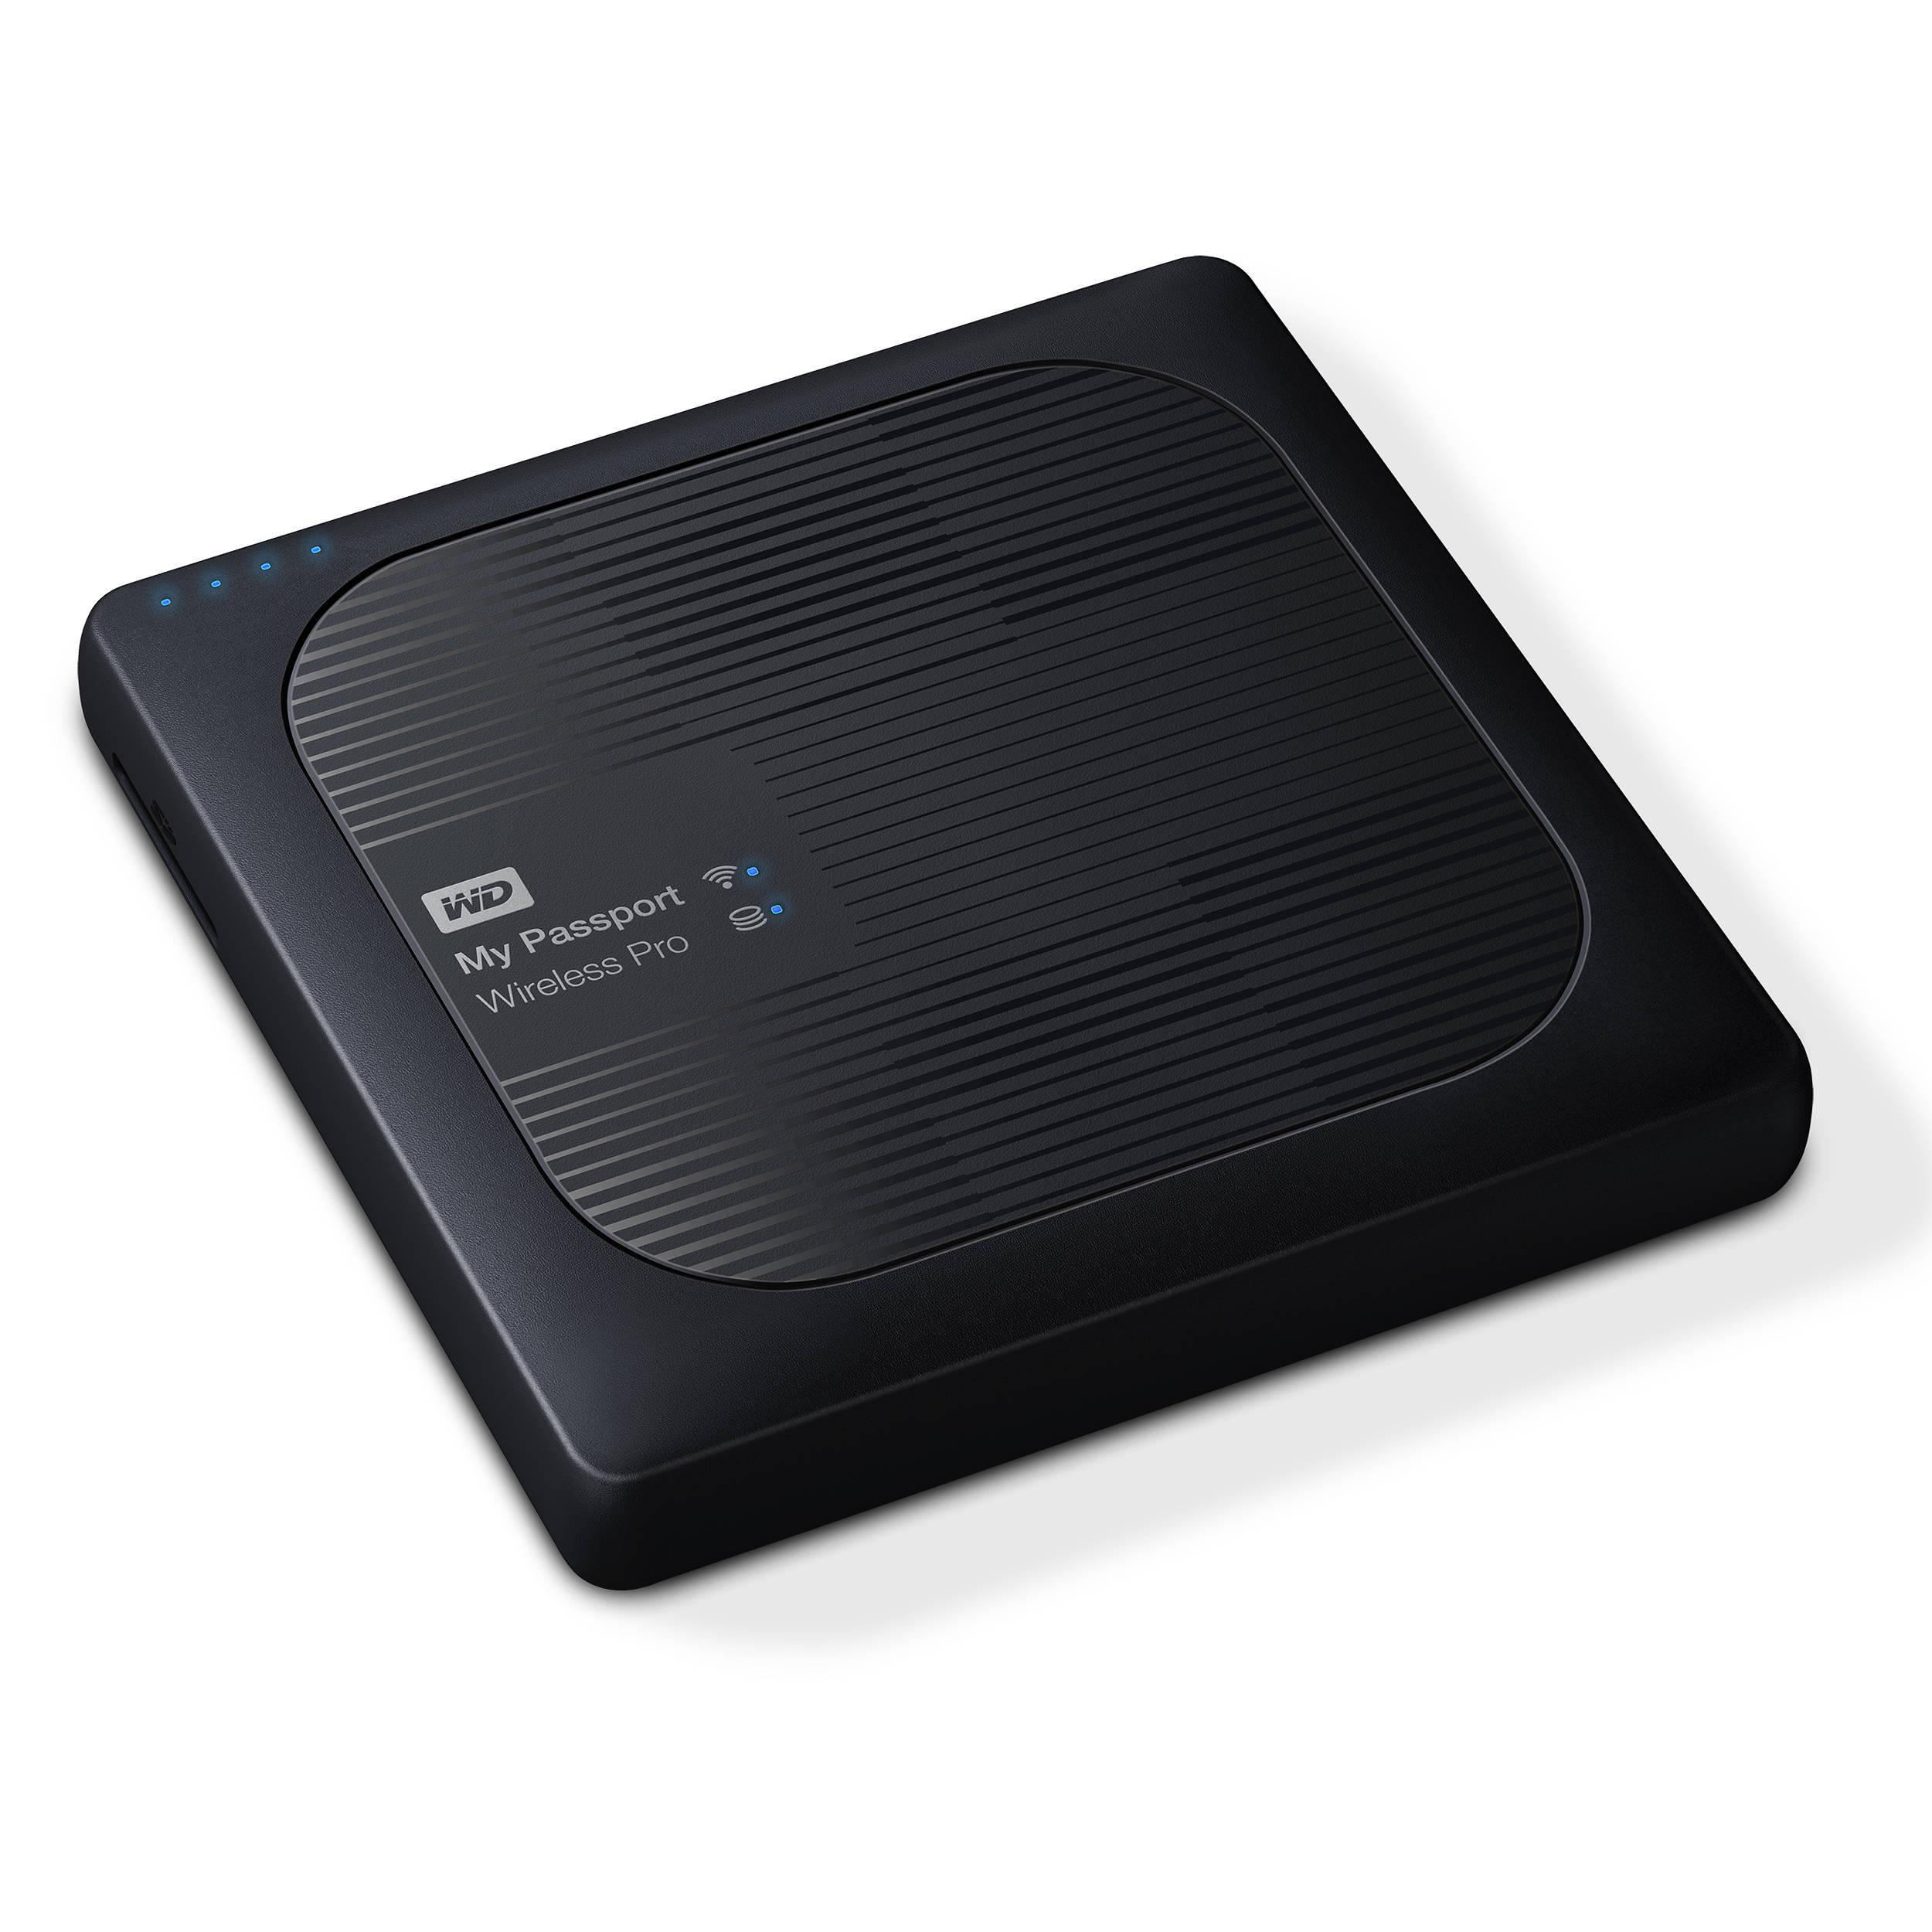 WD 4TB My Passport Wireless Pro USB 3 0 External Hard Drive